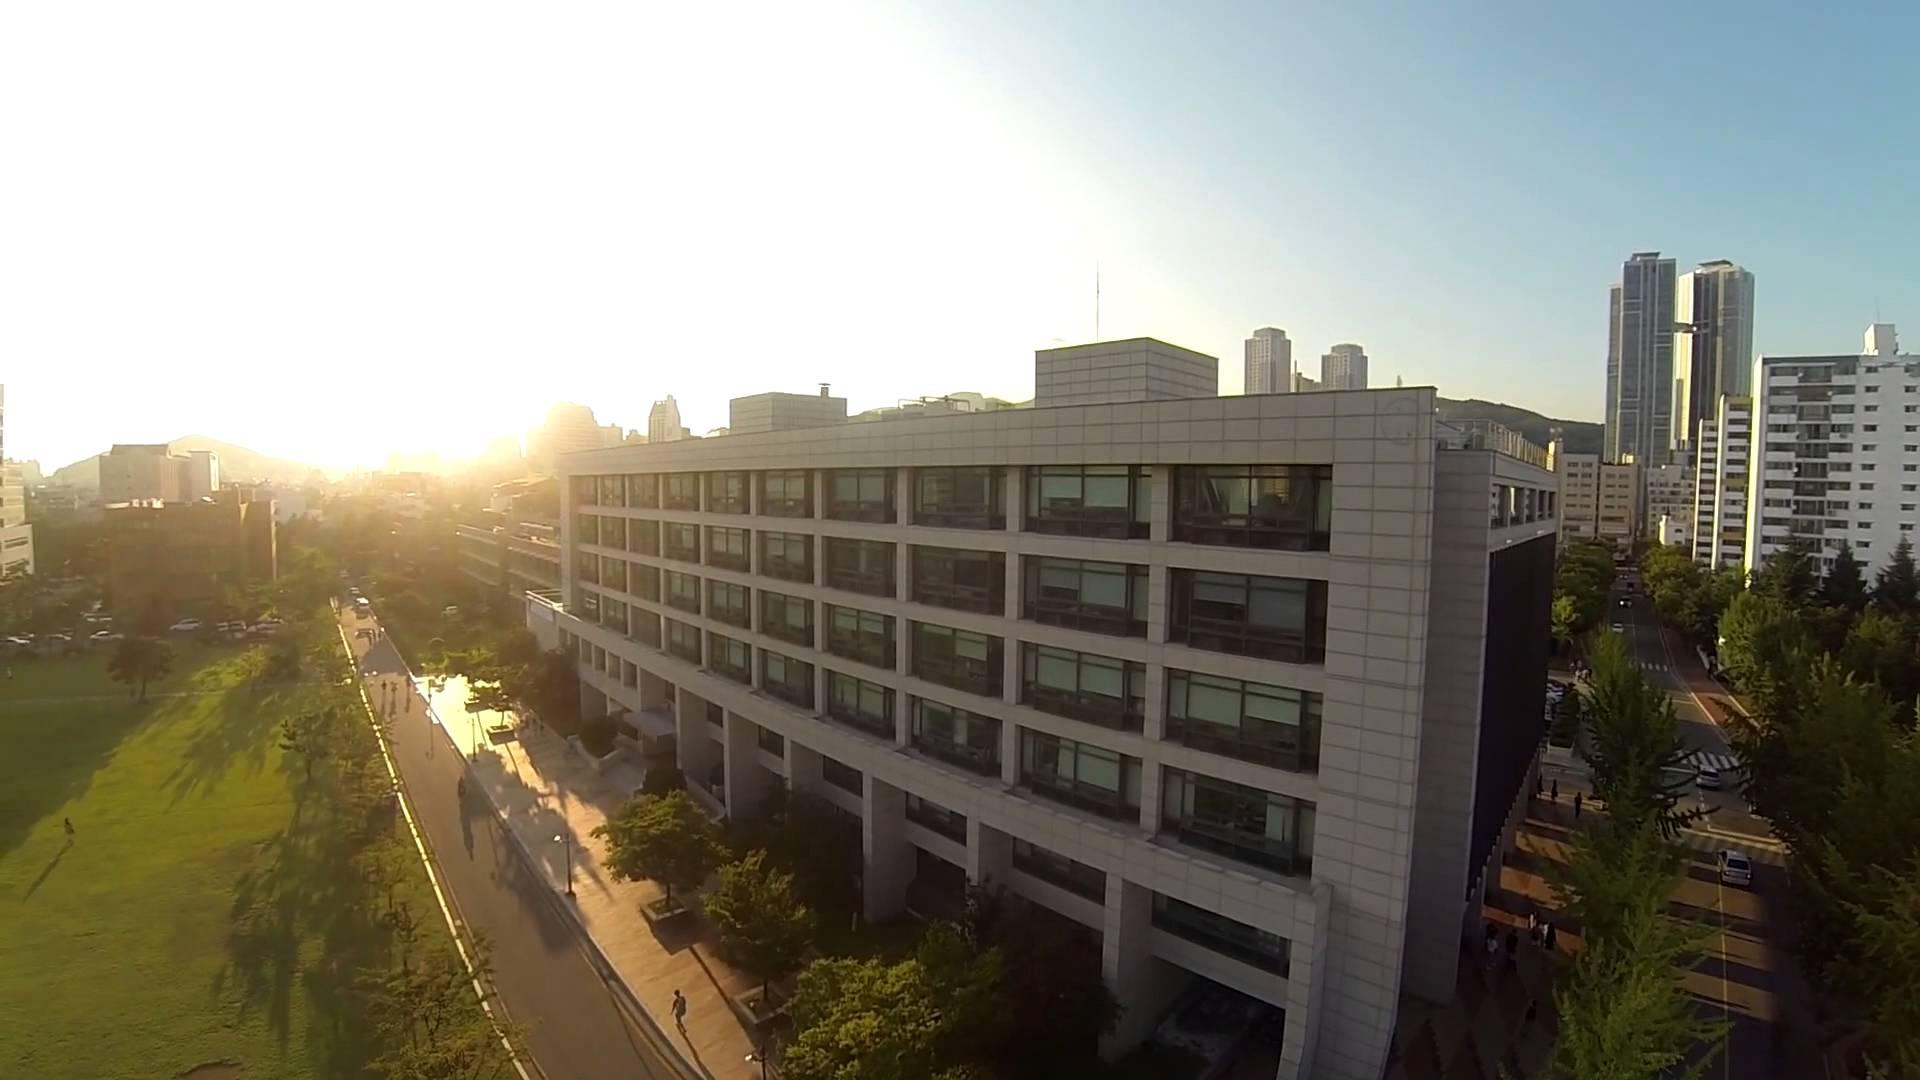 Học bổng đại học quốc gia Pukyong Hàn Quốc 2018